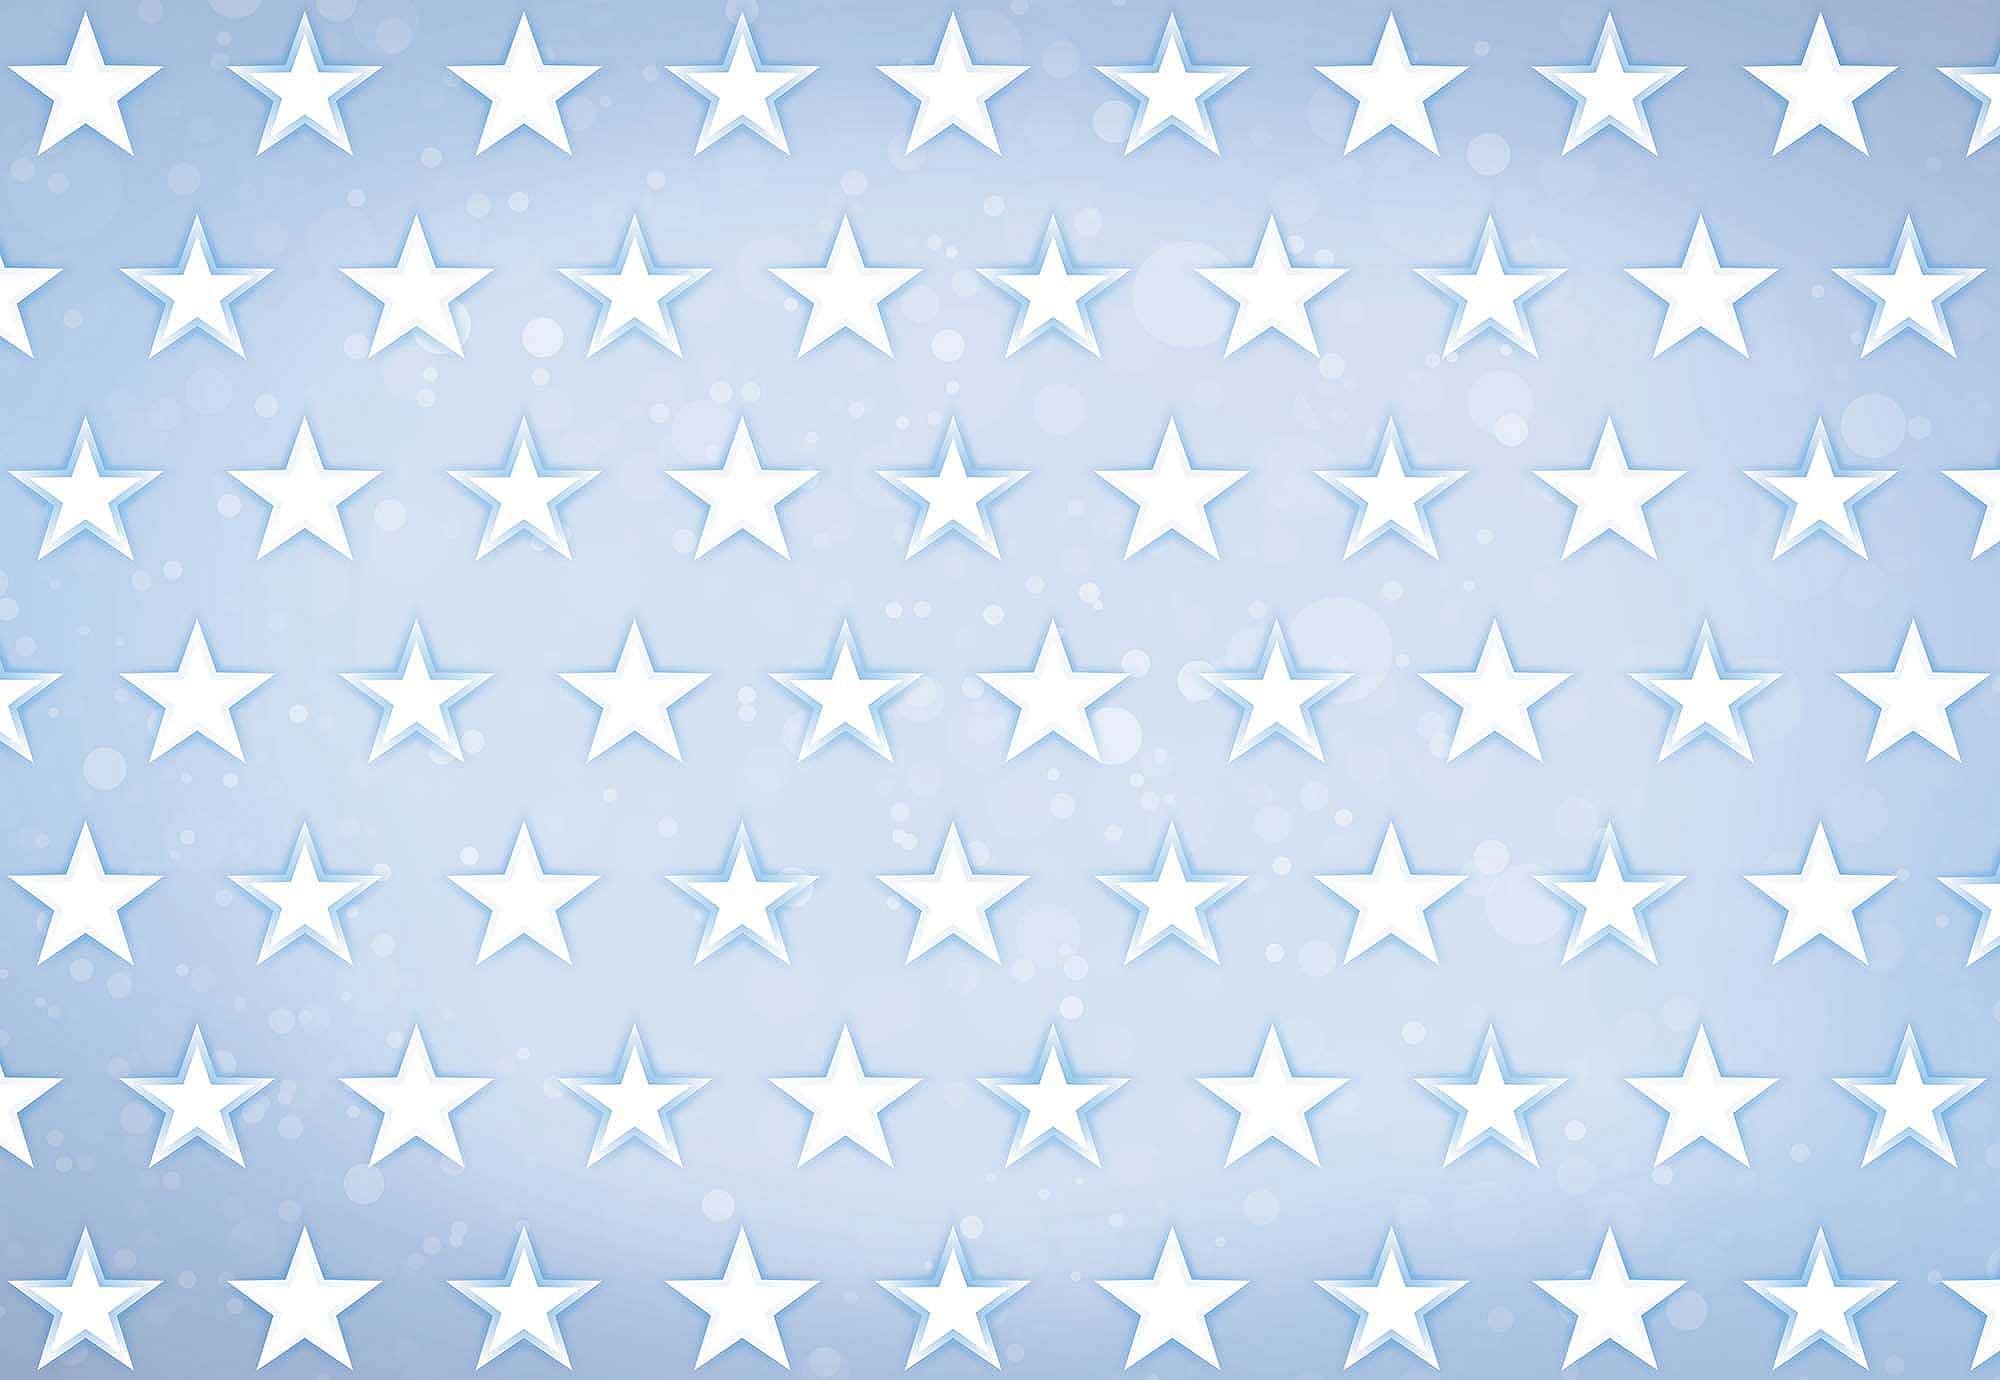 Fali poszter csillag mintával